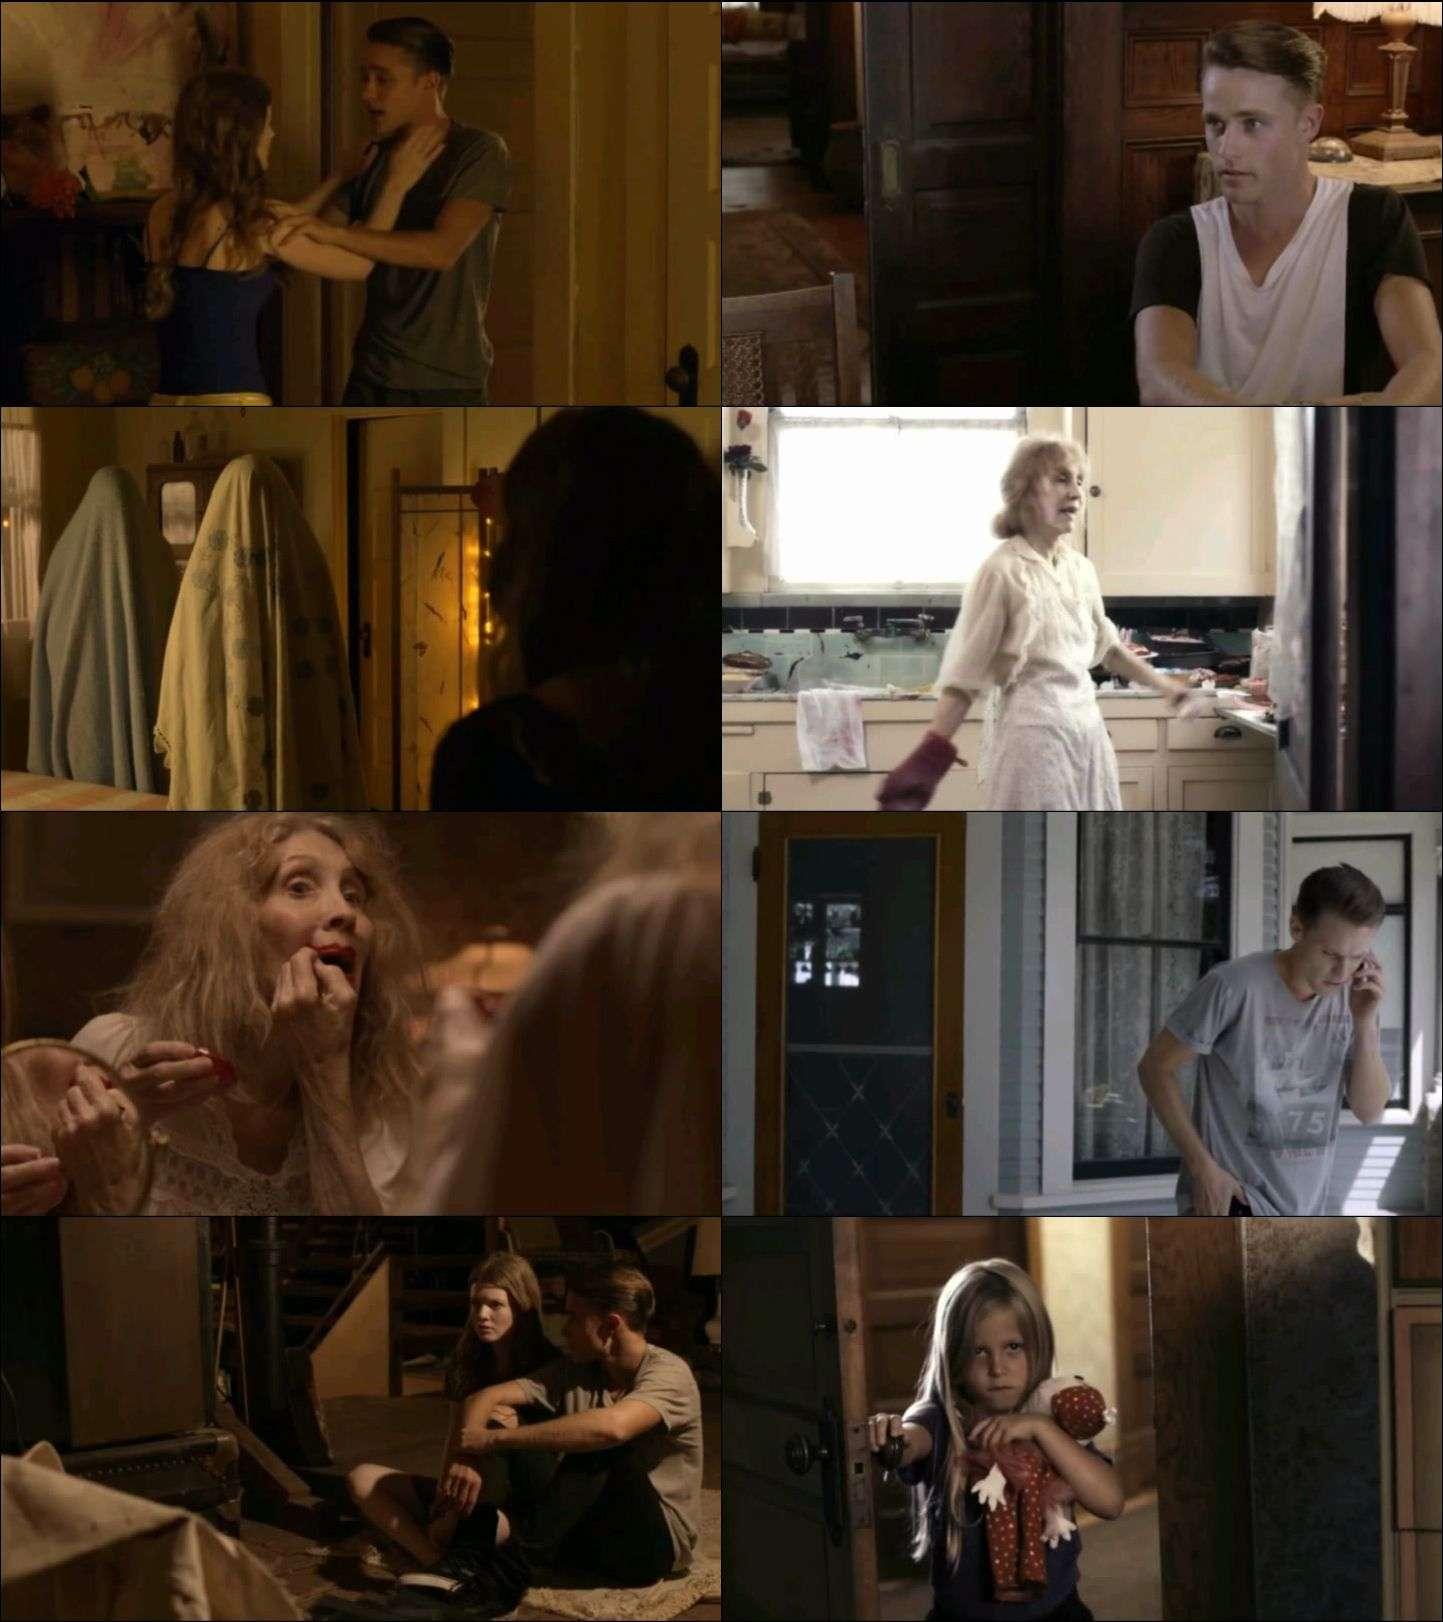 Bakıcı - The Caretaker (2016) türkçe dublaj film indir